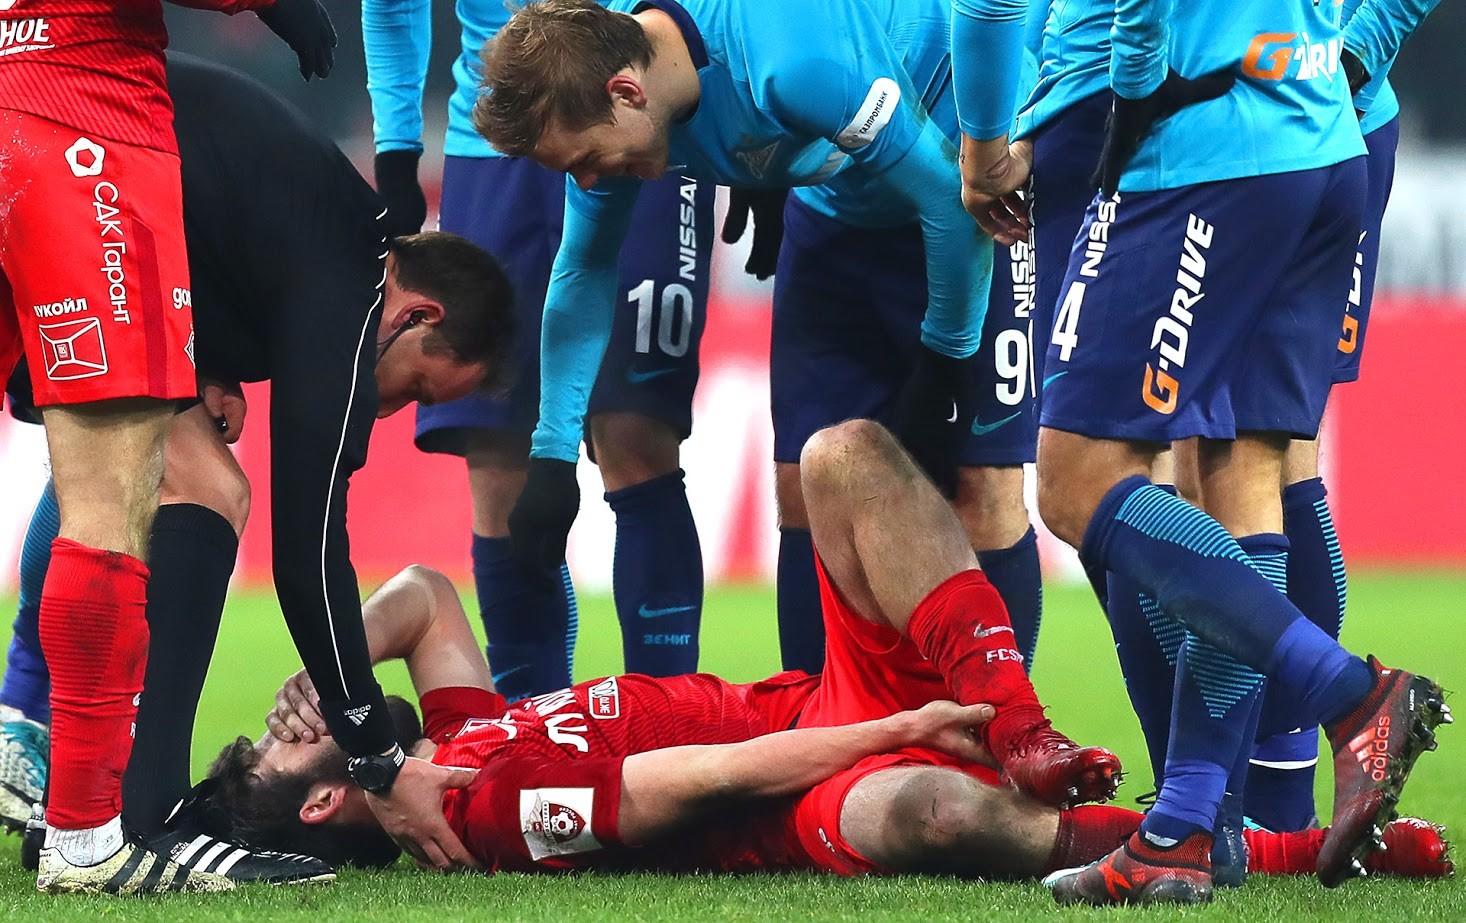 Up ruske reprezentance Georgij Džikija bo verjetno manjkal na svetovnem prvenstvu zaradi januarska poškodbe.